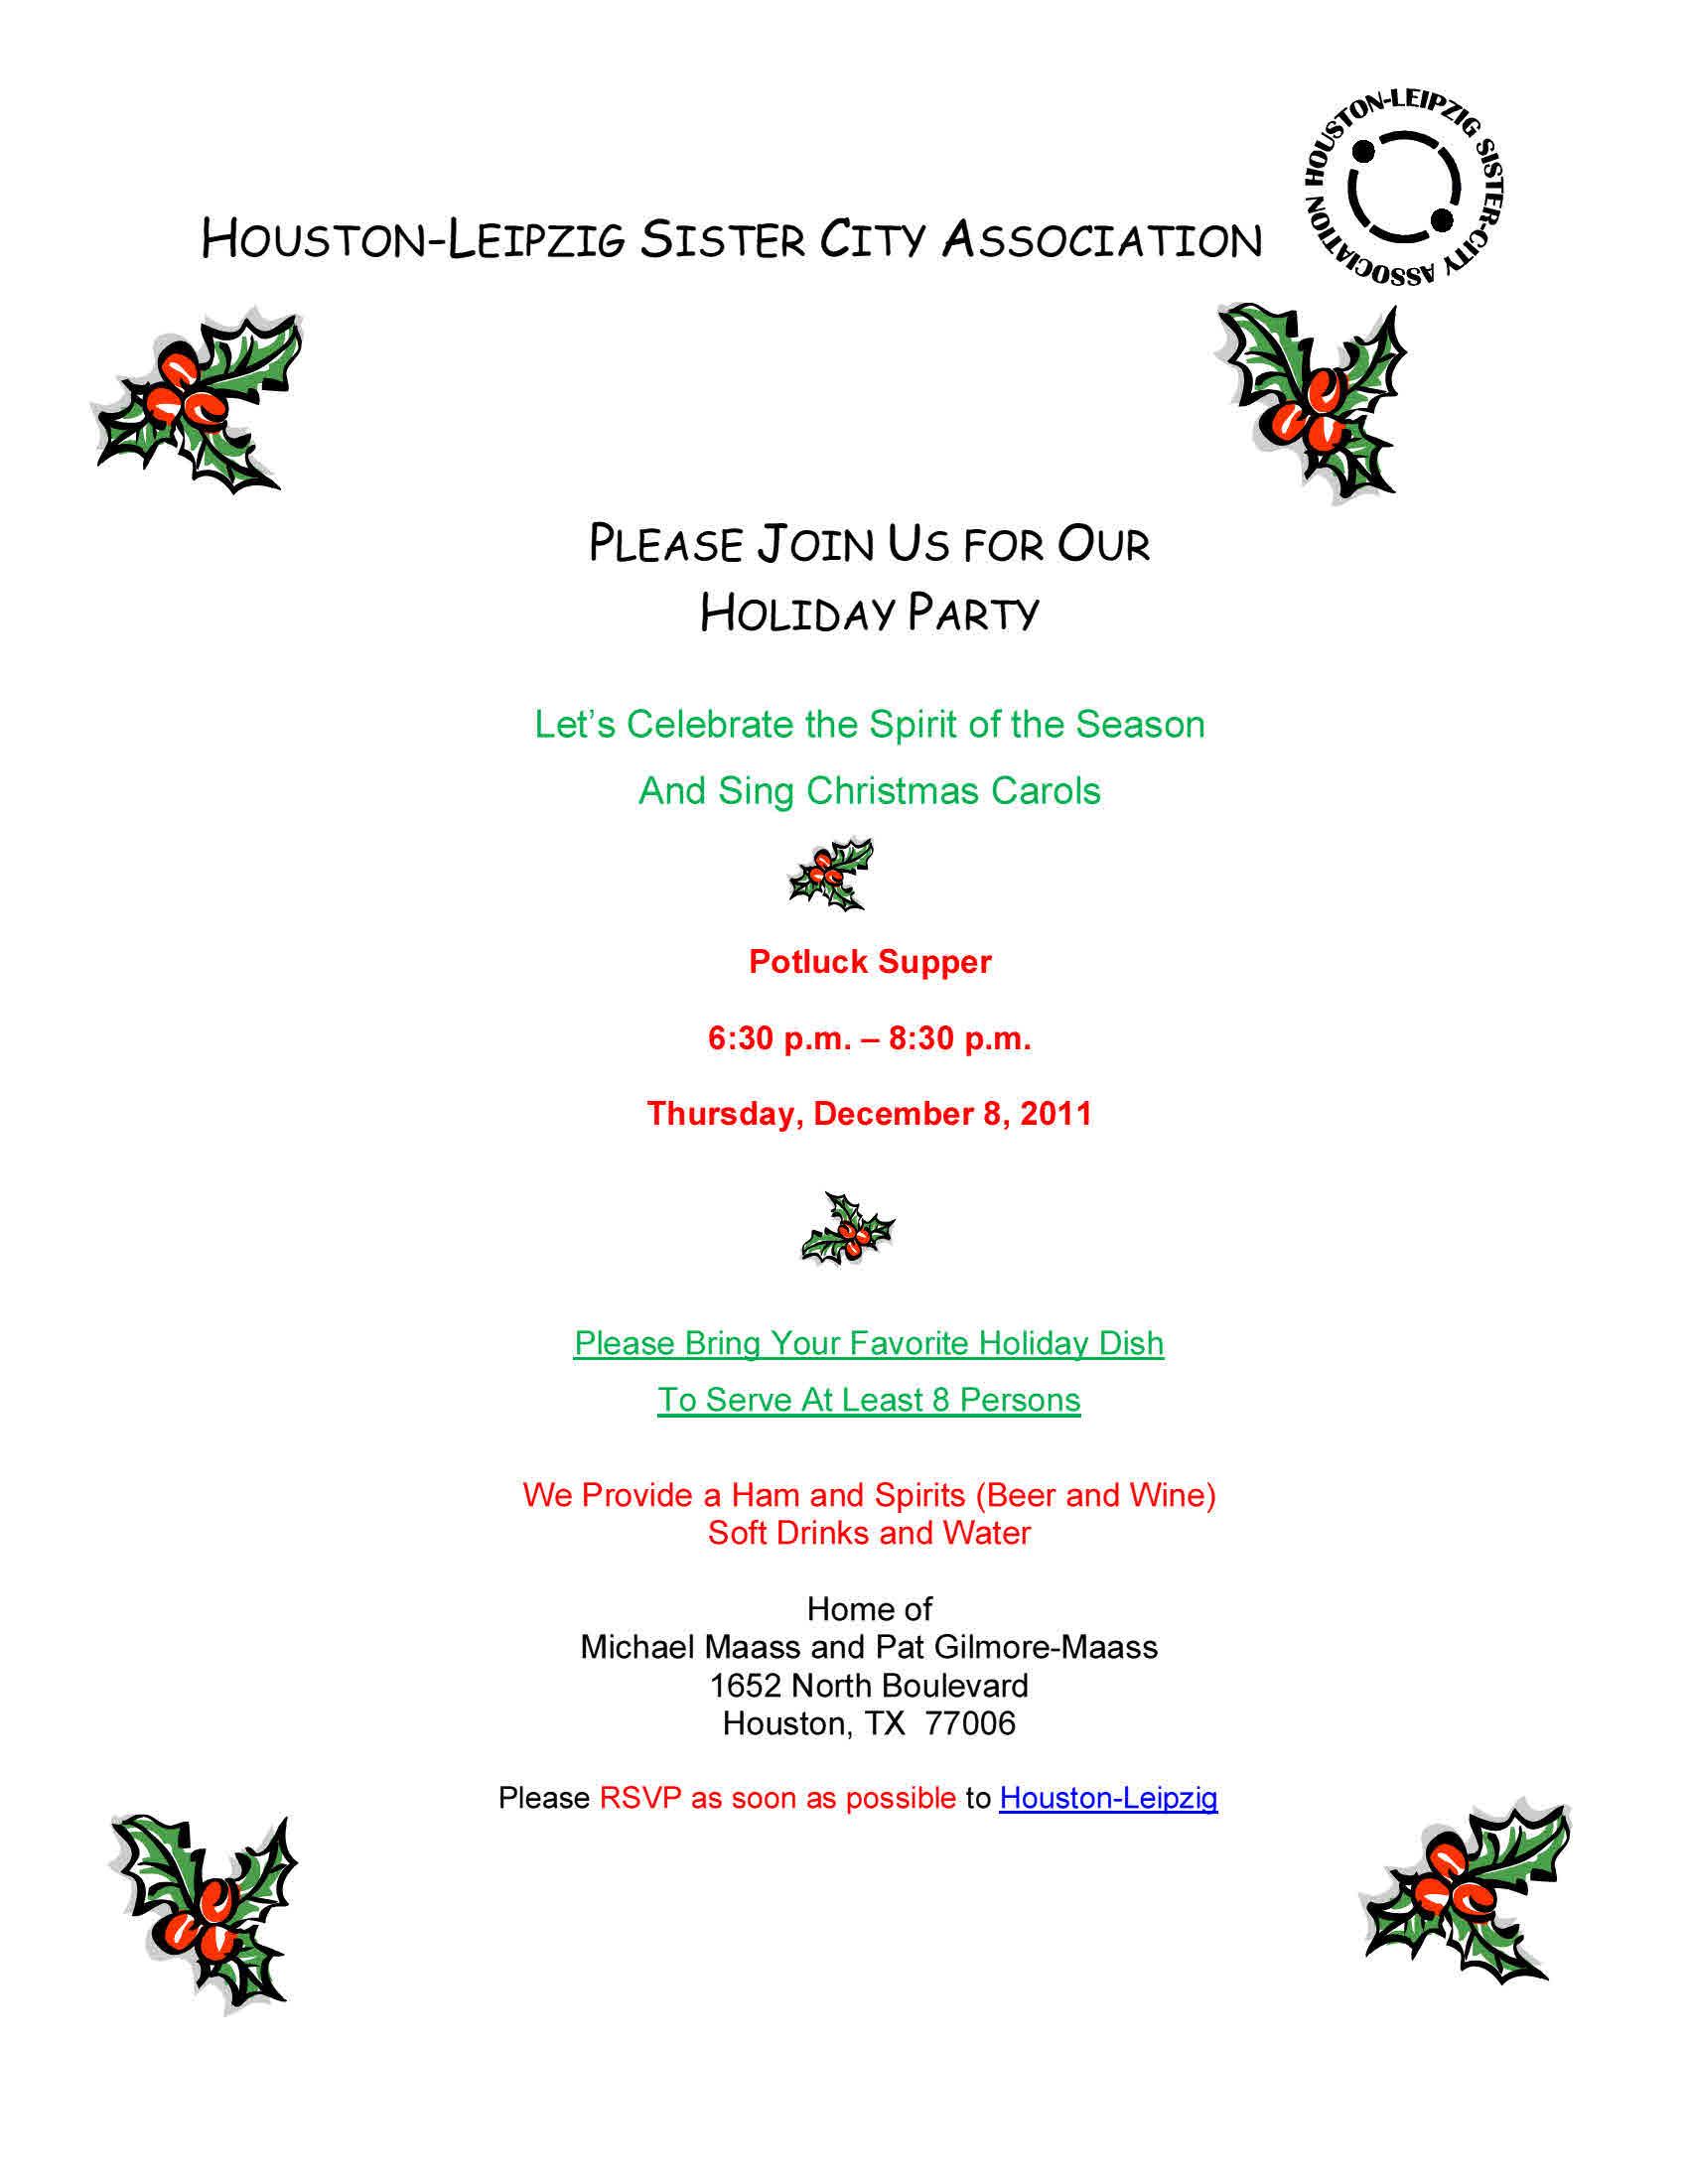 Copy of 2011 Holiday Party Invitation Website HoustonLeipzig